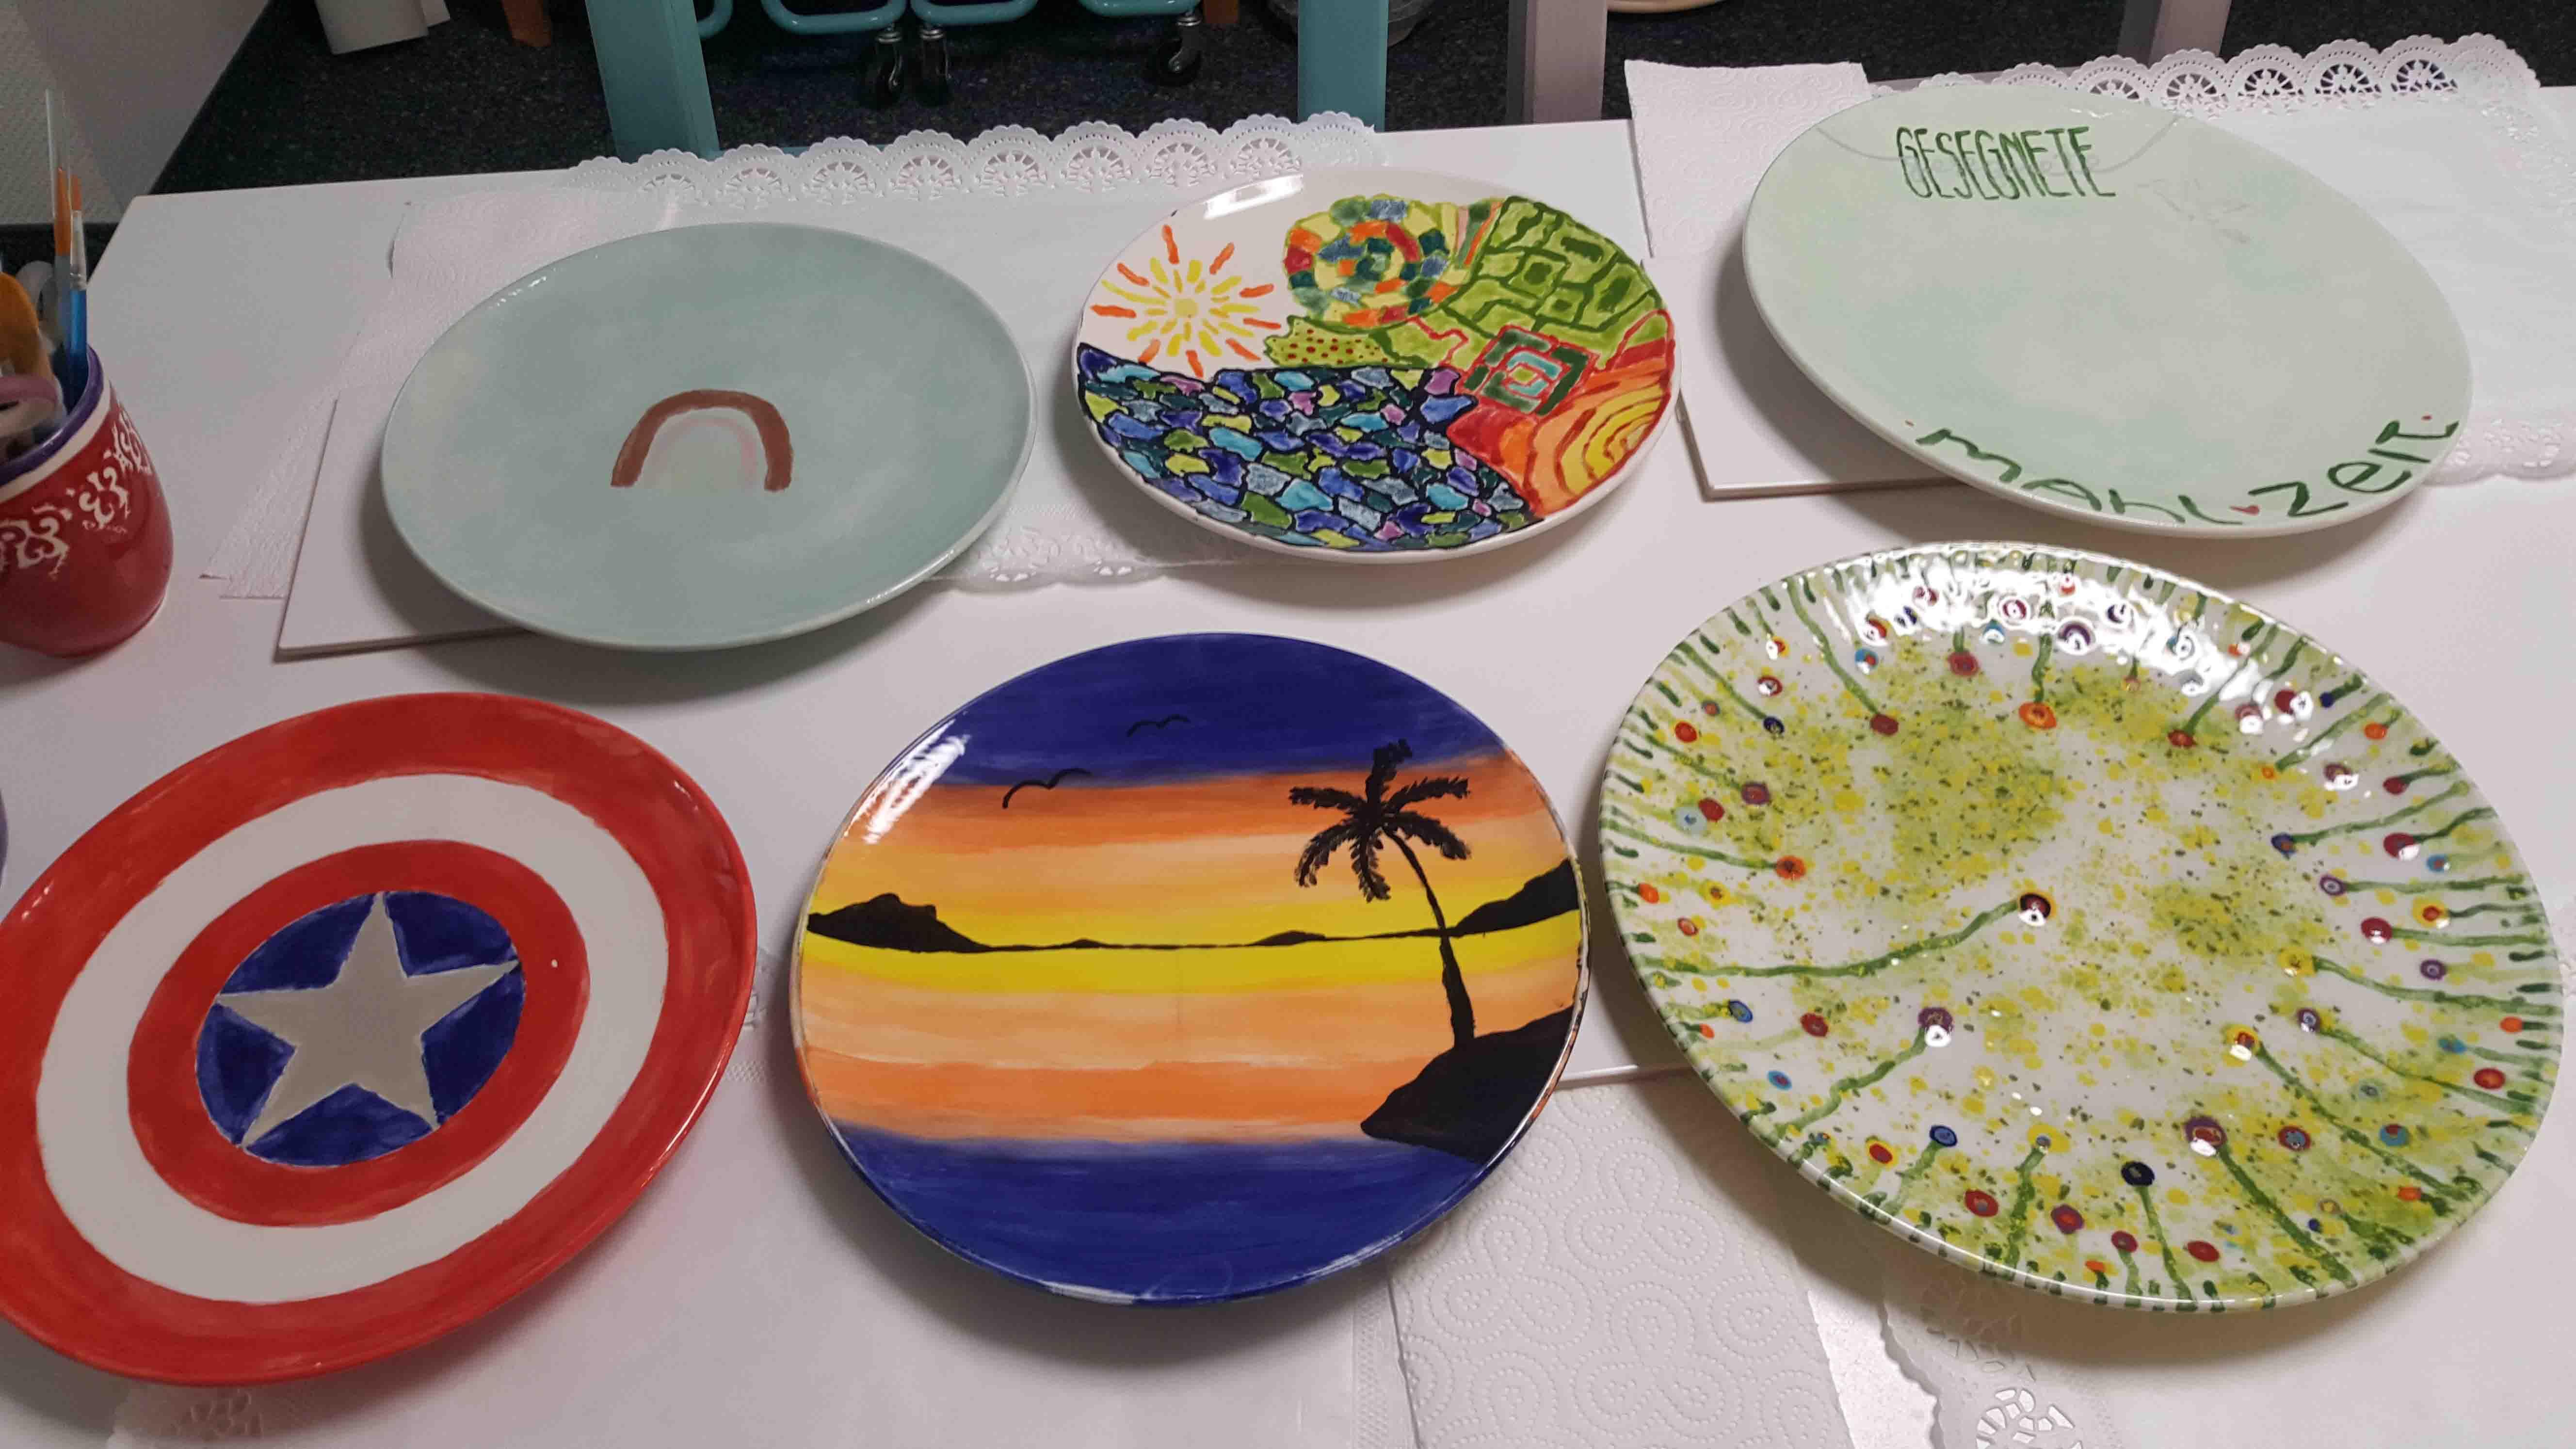 celle-farbenfroh-keramik.jpg